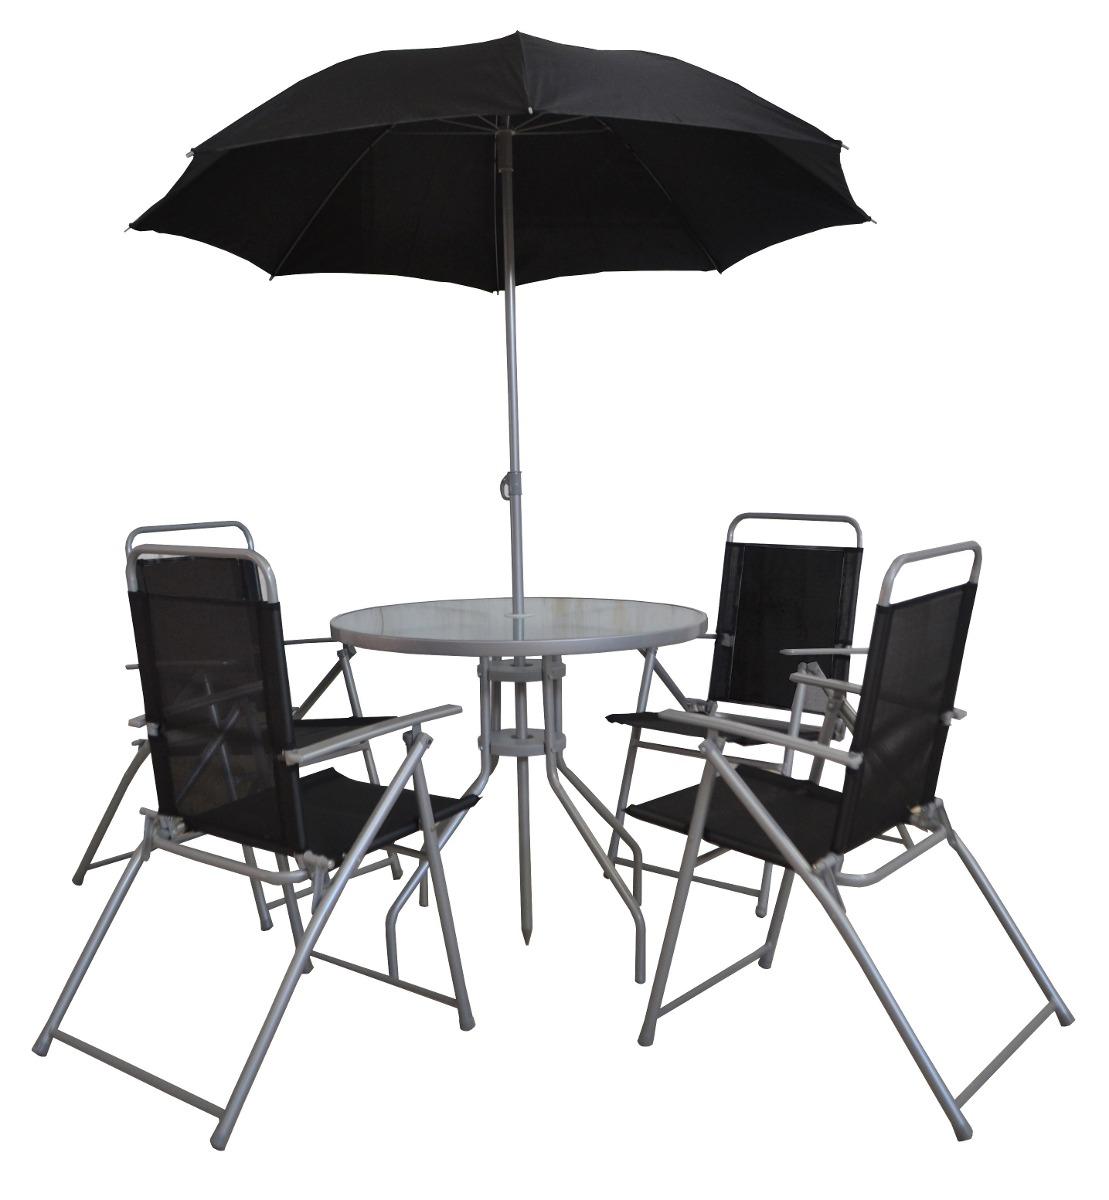 Mesa con sombrilla y sillas plegables color negro de acero for Mesas con sombrilla para exterior